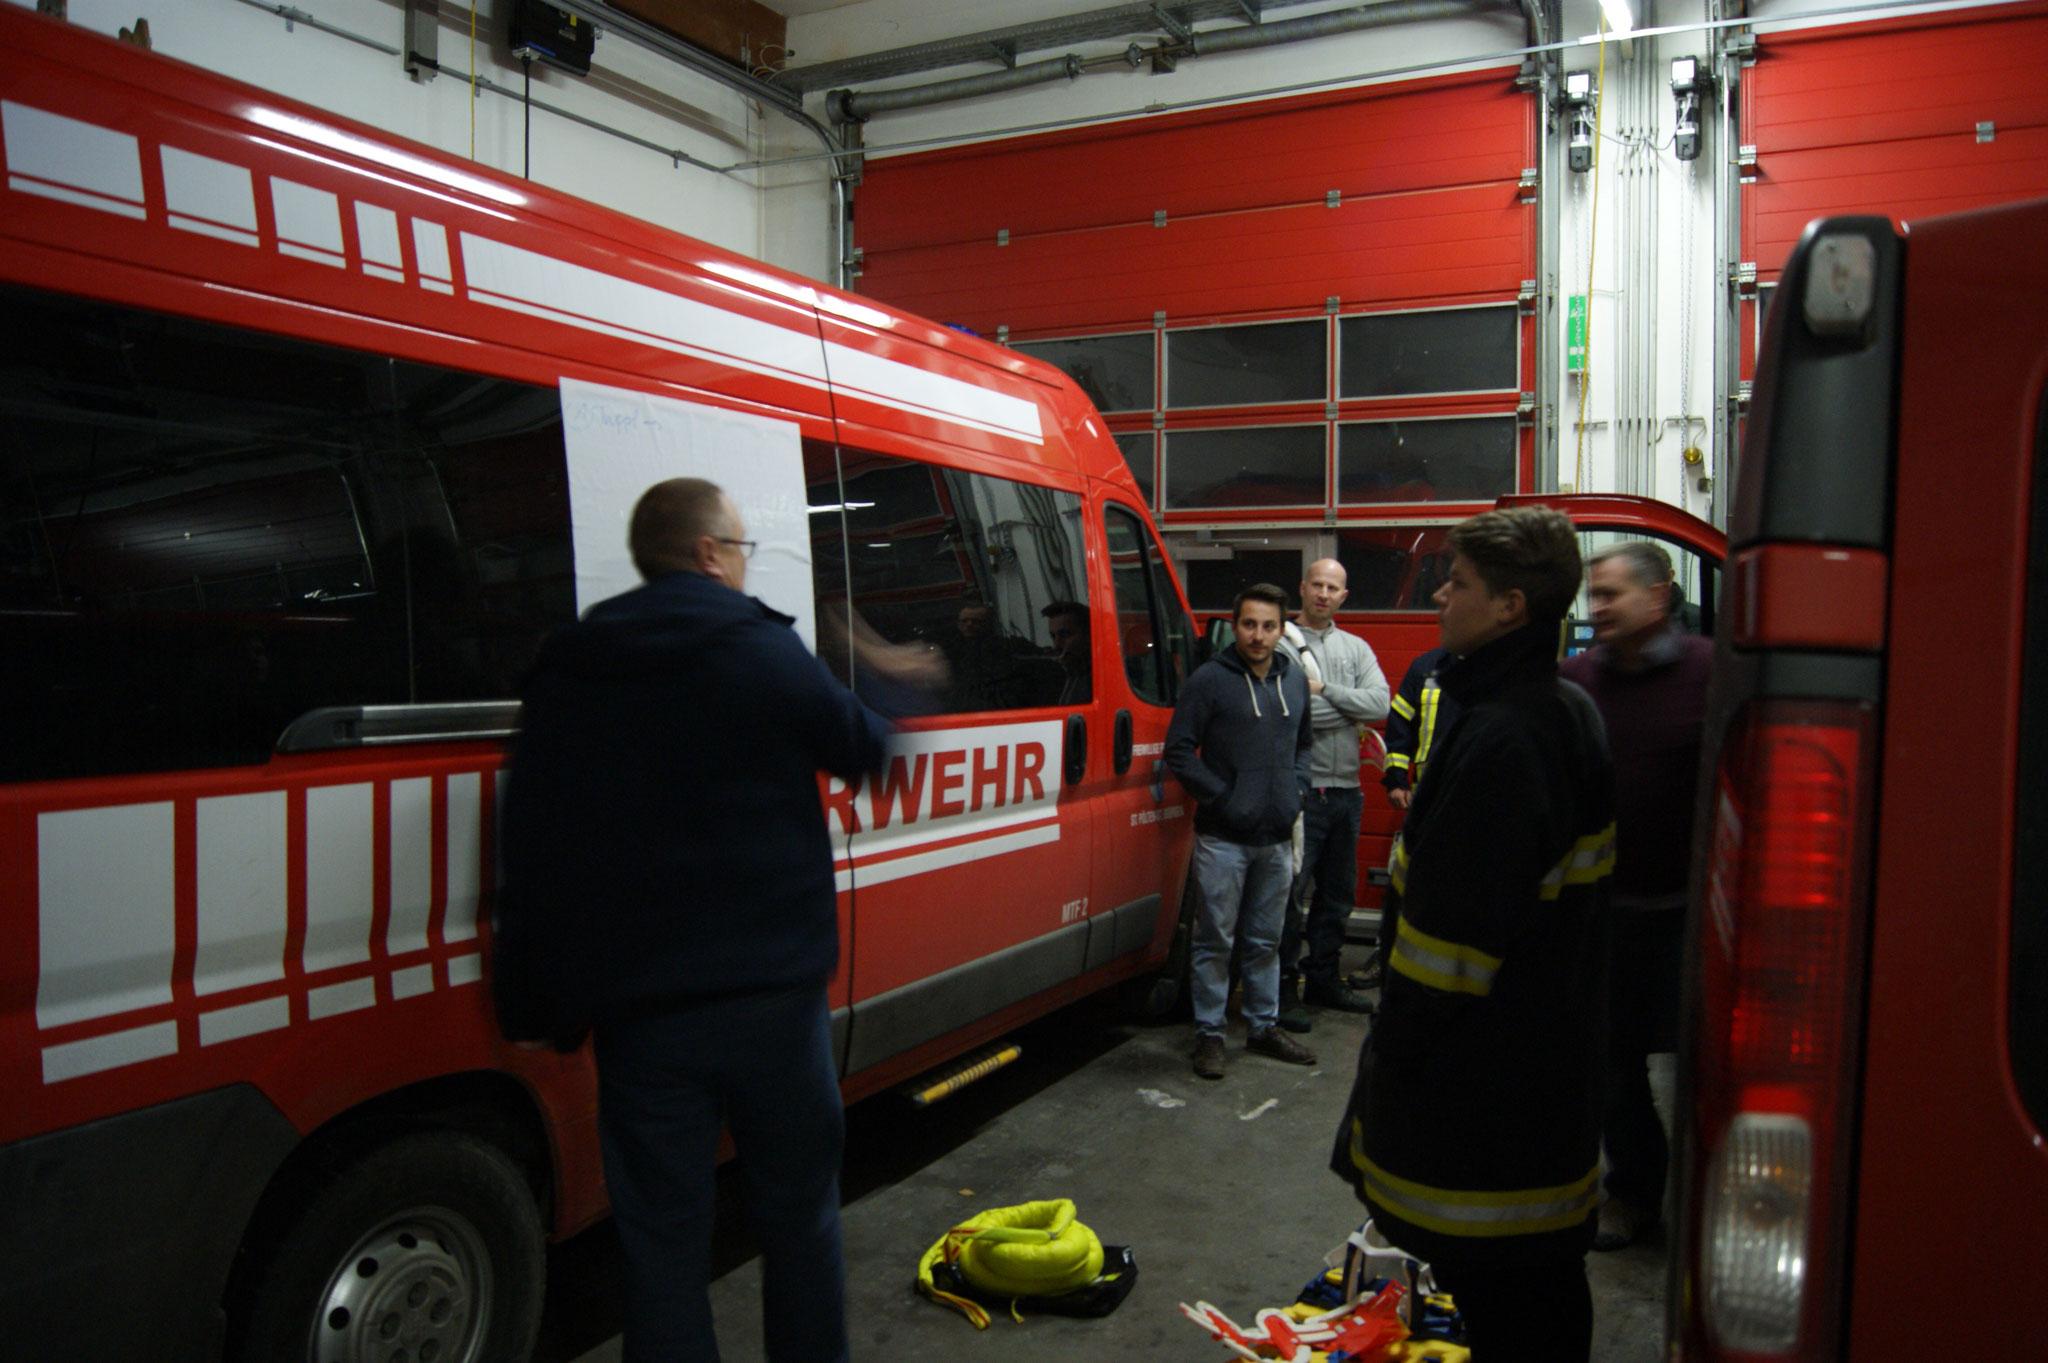 Taktifol im Einsatz - Kurzeinweisung - Menschenrettung aus PKW / Bus